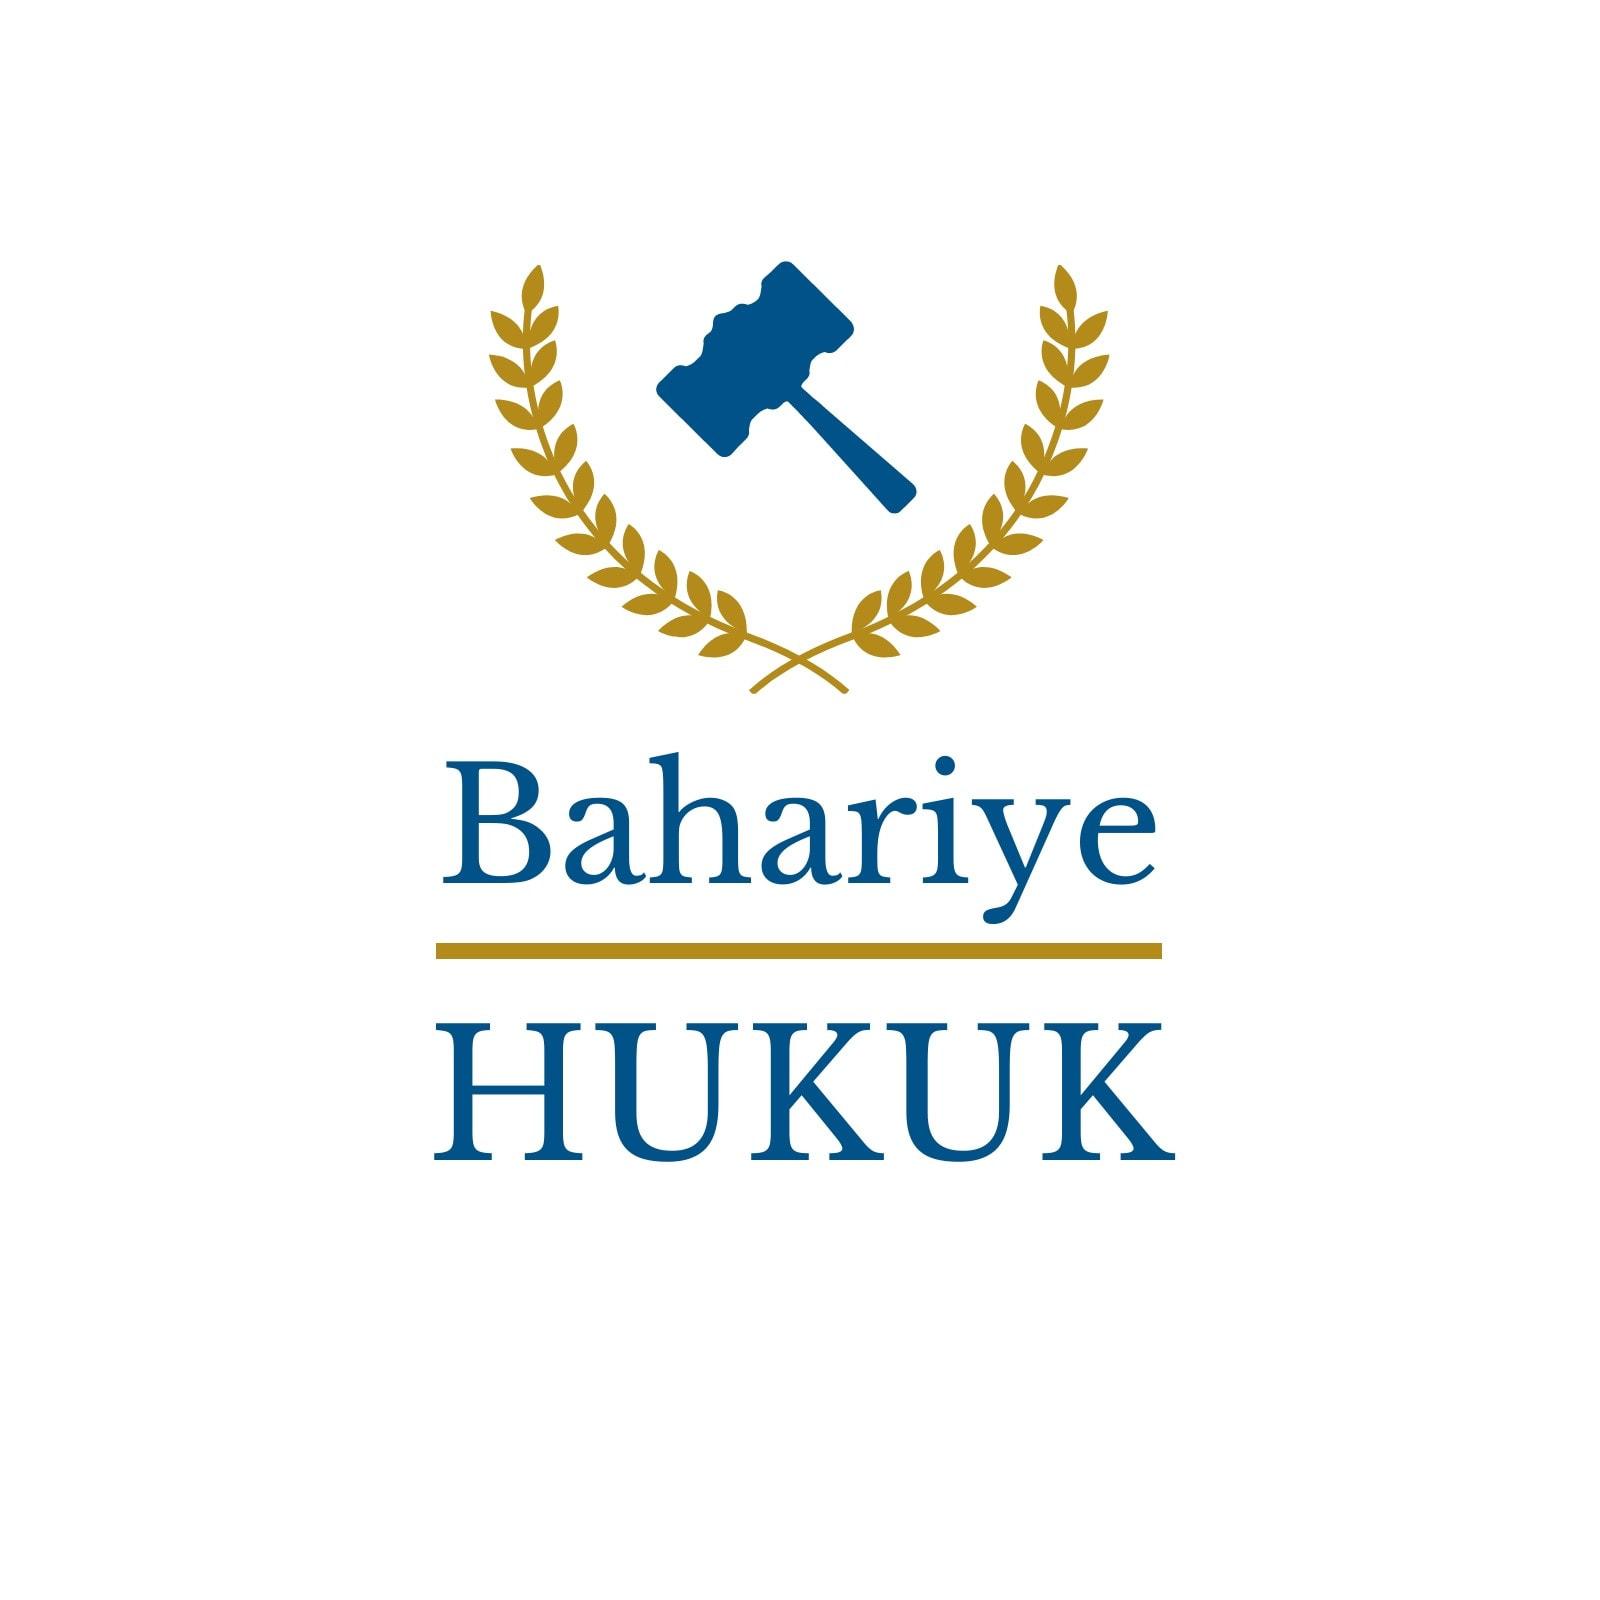 Mavi Altın Hakim Tokmağı Avukat ve Hukuk Logo